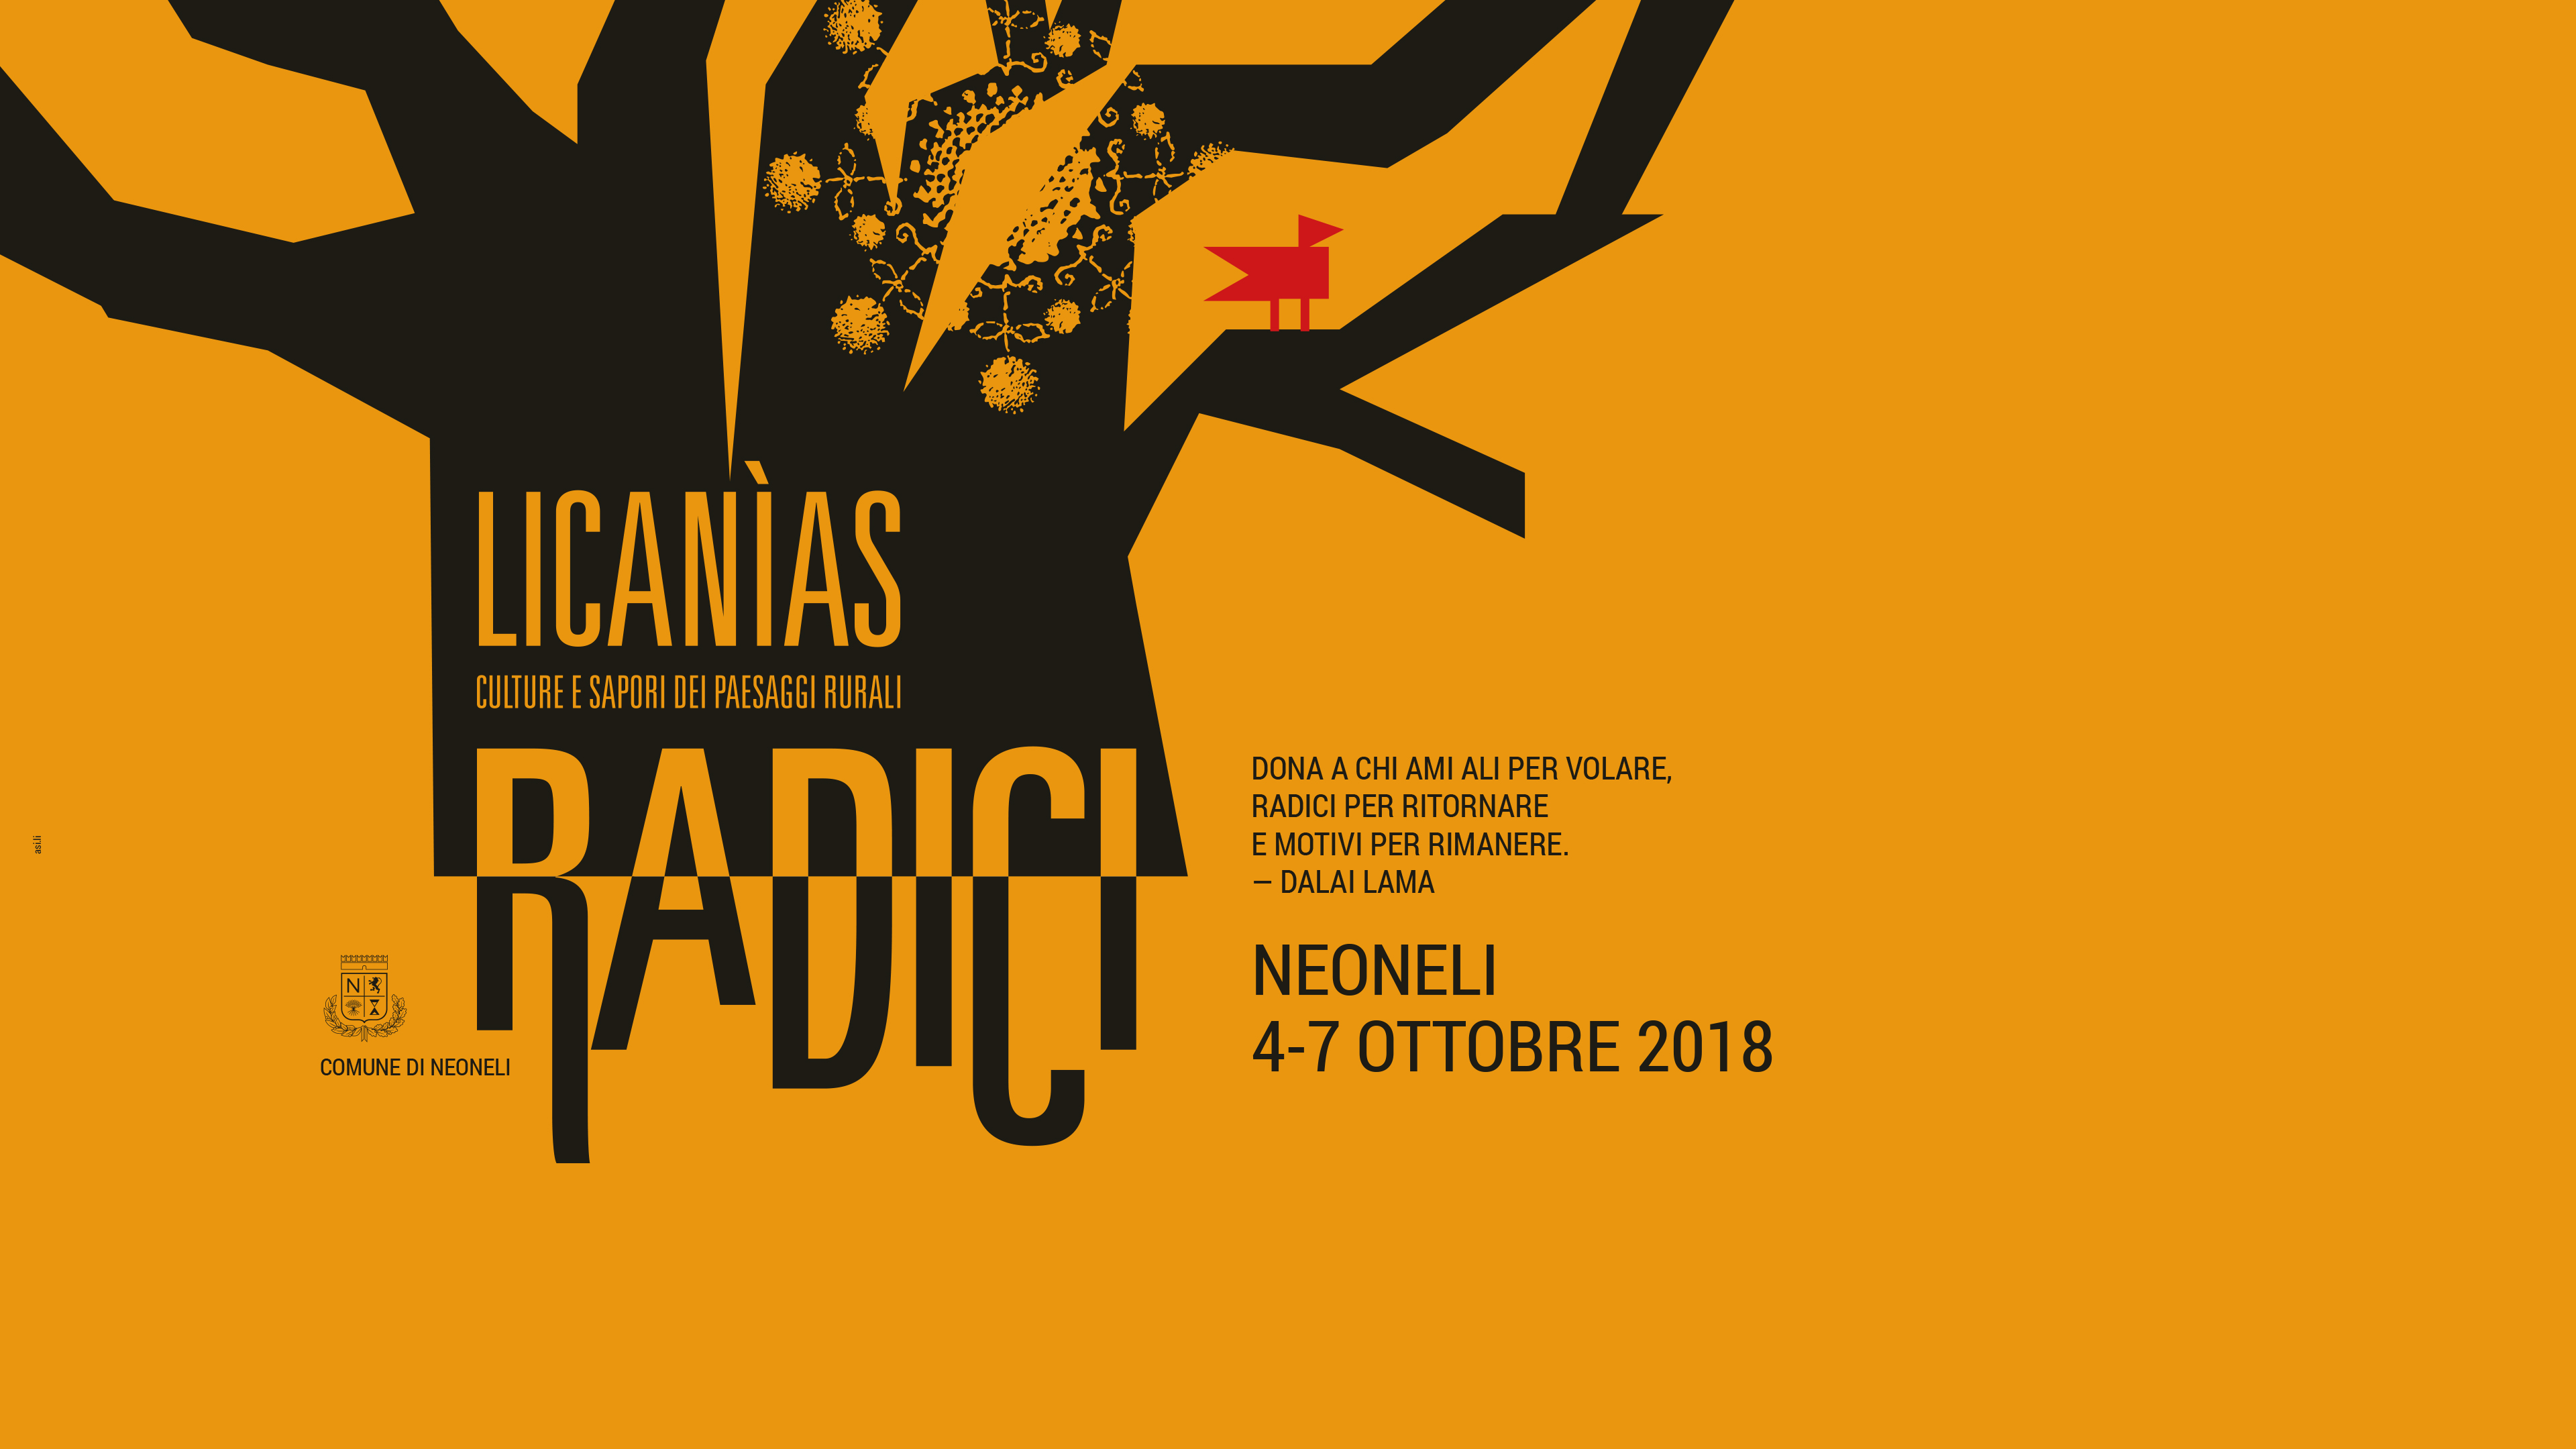 Sagra enogastronomica 'SA FREGULADA 2018' e 'FESTIVAL LICANIAS 2018'